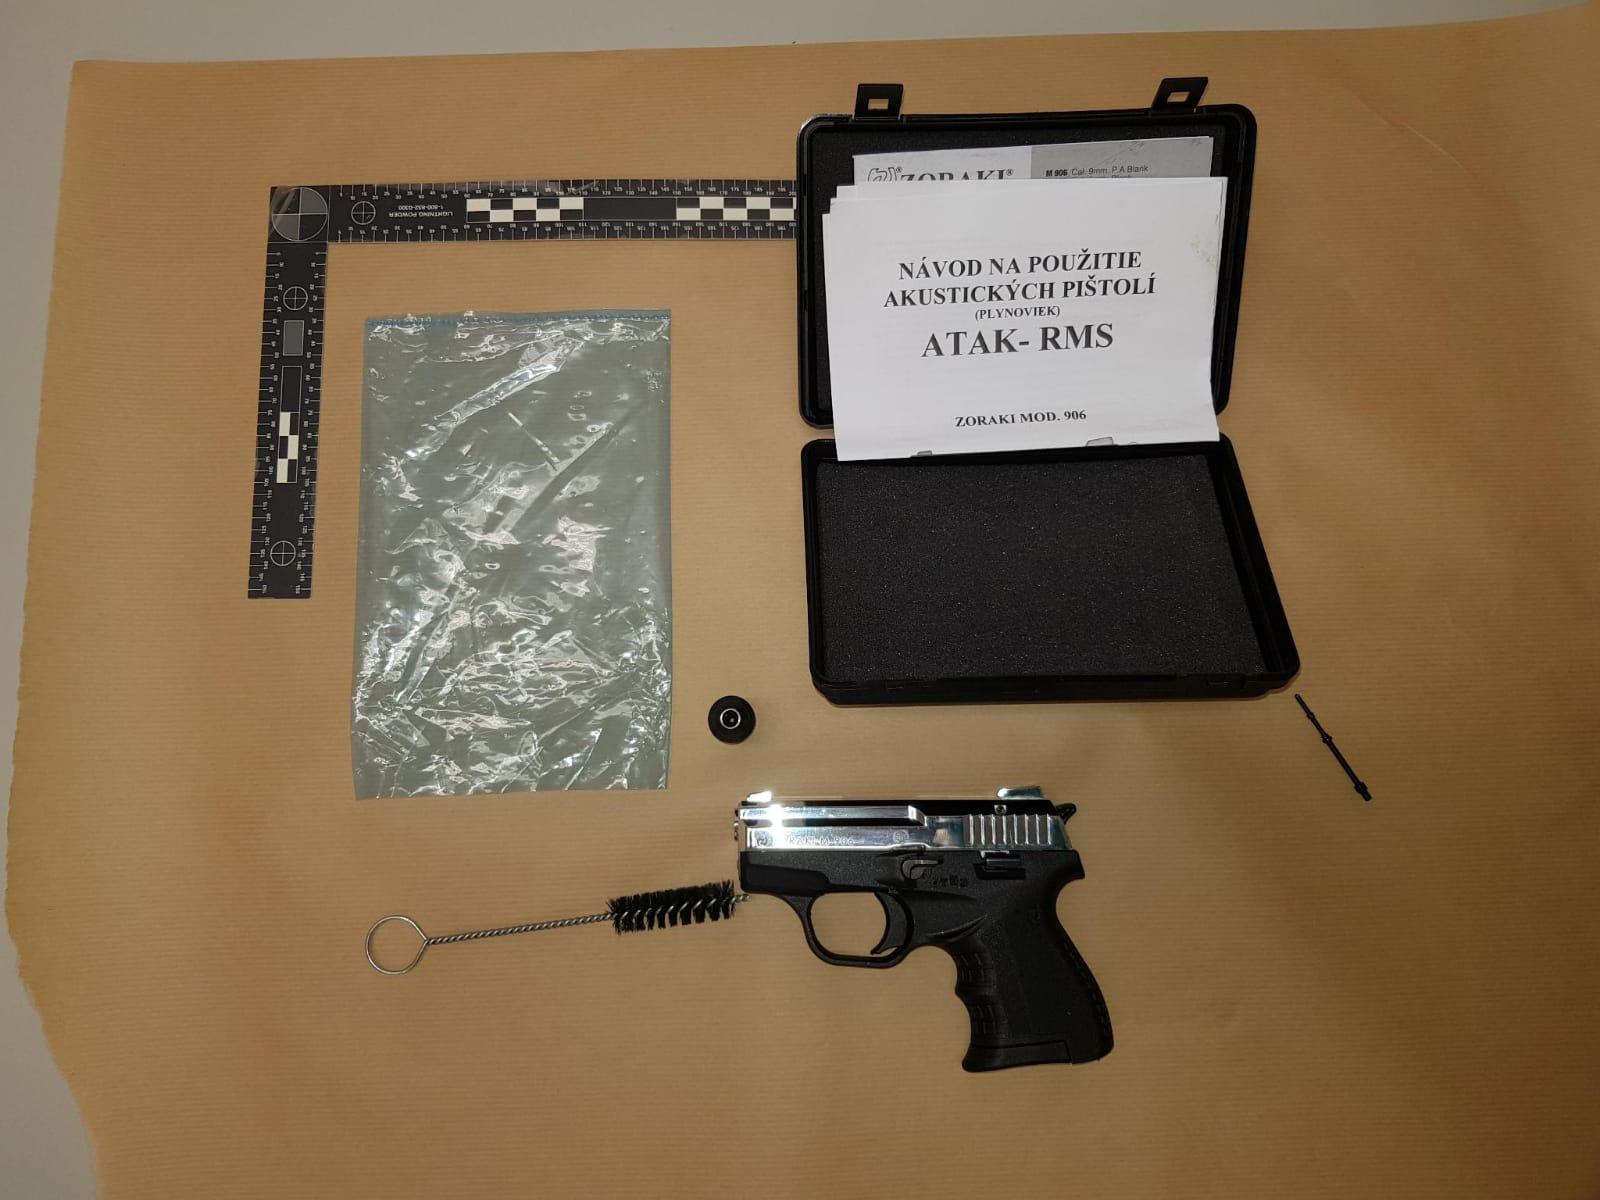 La Guardia Civil y la policía holandesa detienen por tráfico de armas a una persona vinculada a grupos radicales violentos